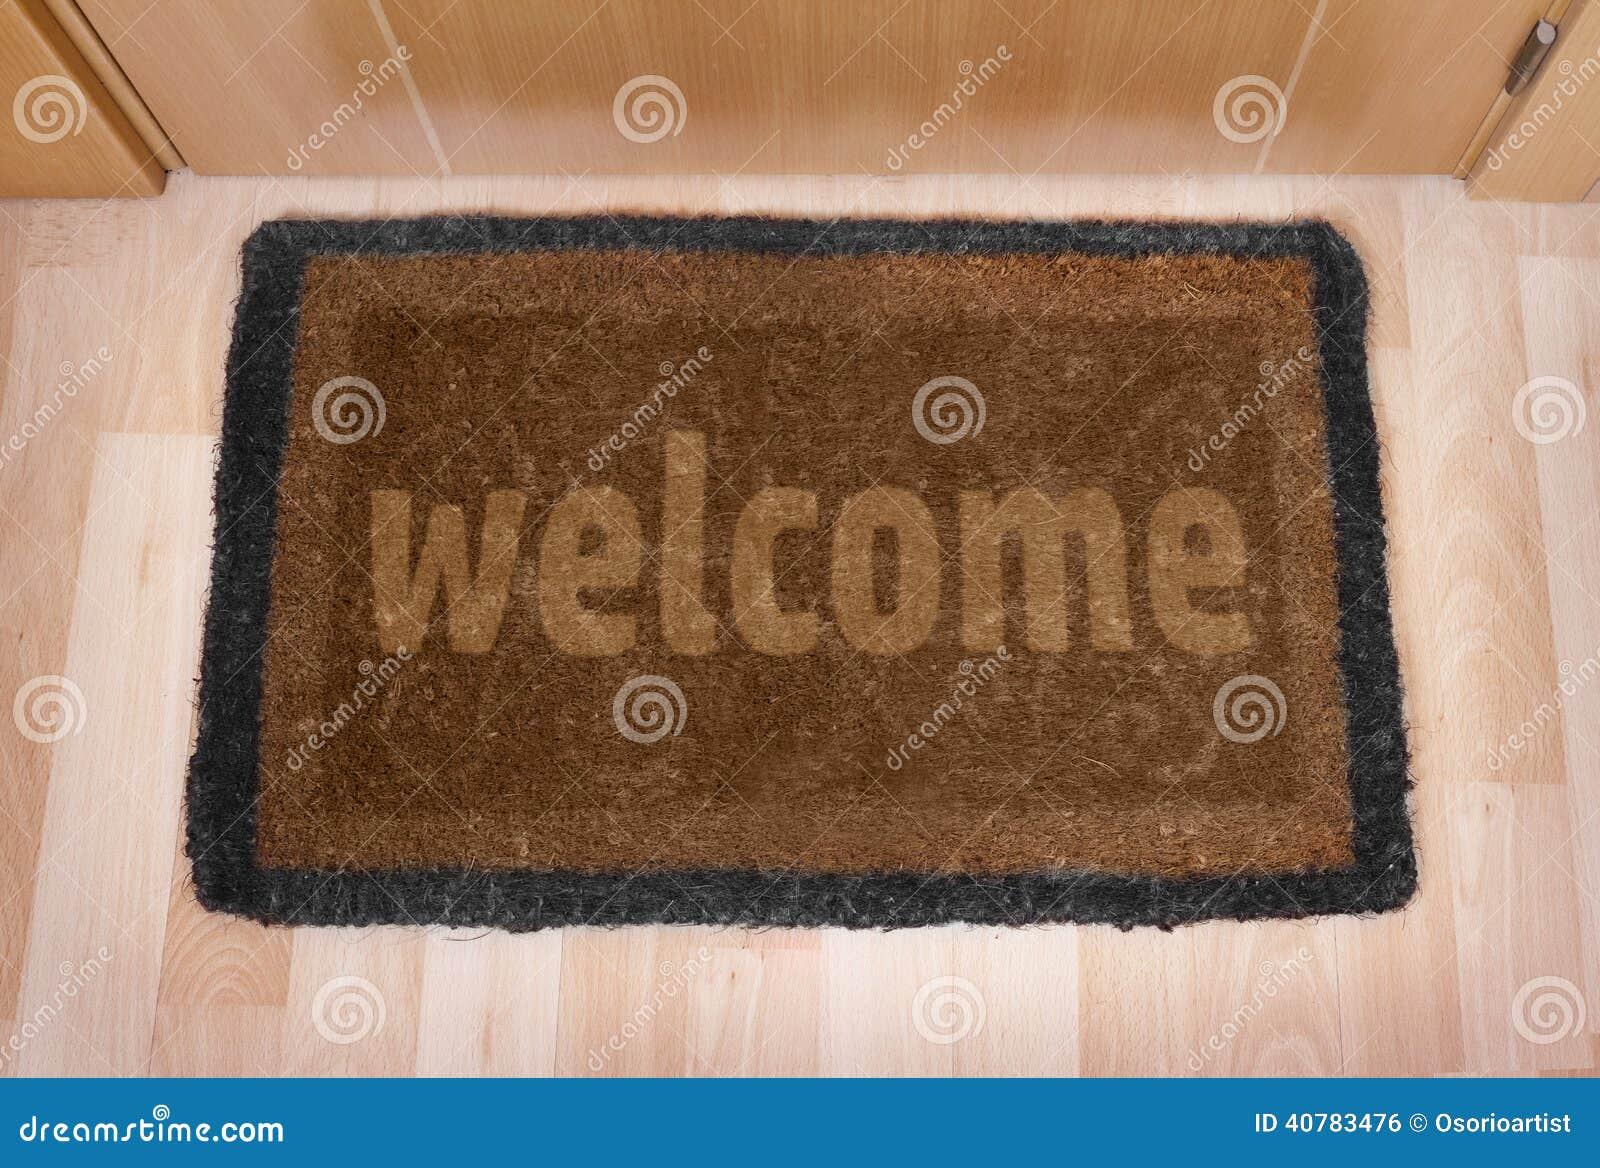 Welcome Home Doormat With Closed Door Stock Photo Image